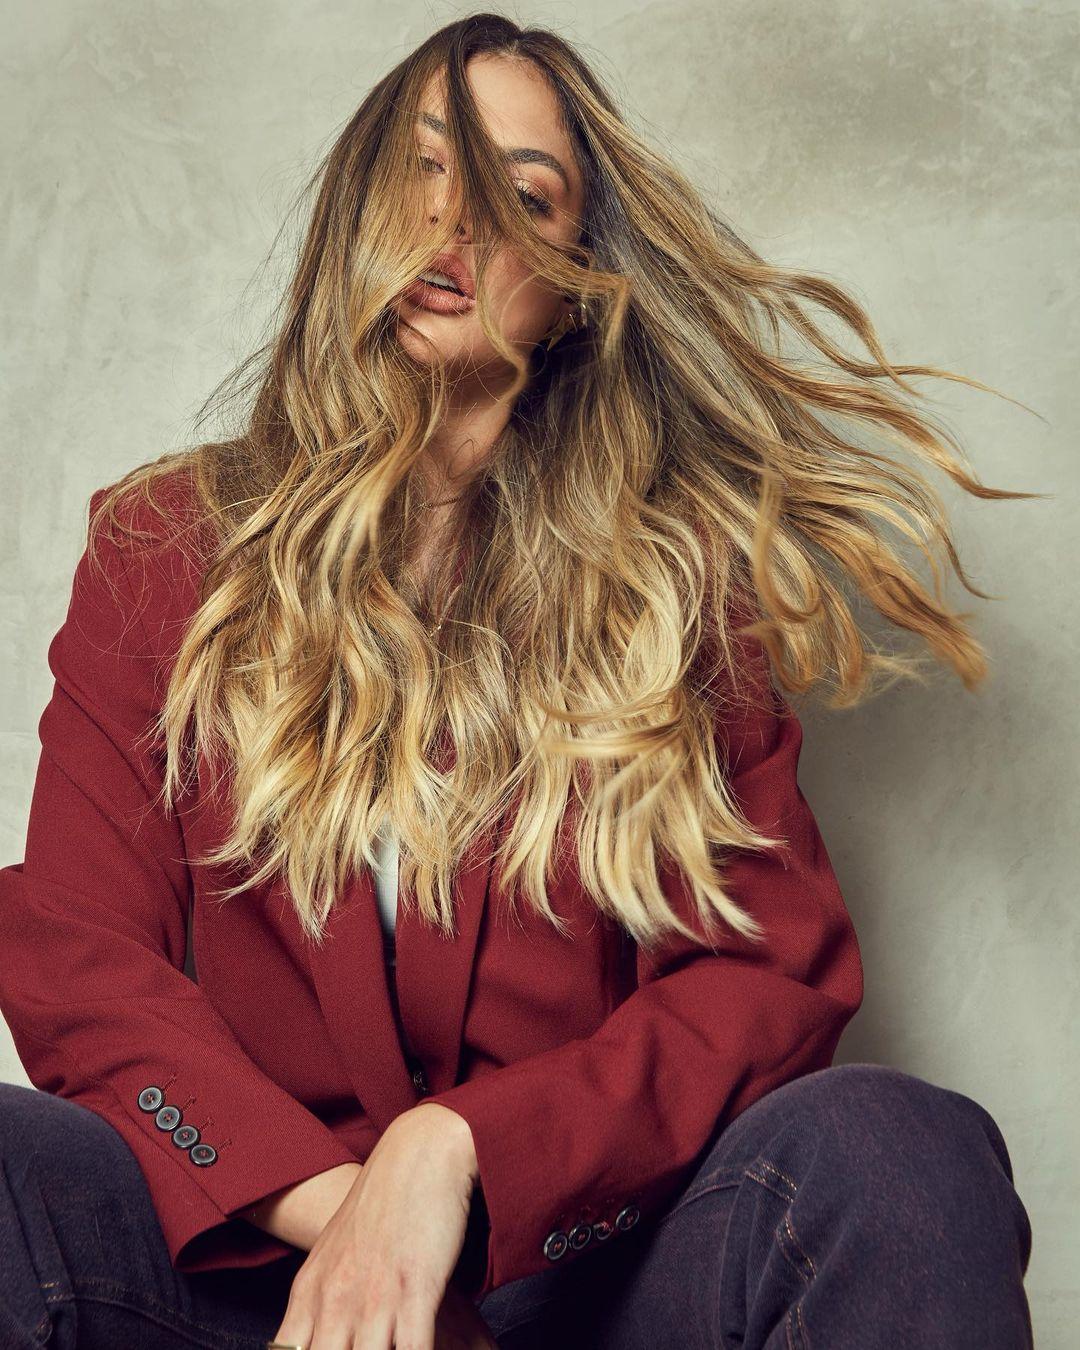 Mari-Gonzalez-Wallpapers-Insta-Fit-BIo-9